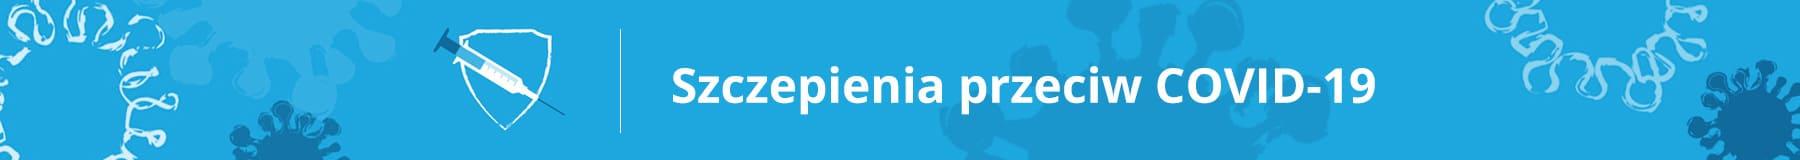 Szczepienia przeciw covid 19 pacjenta z narodowego programu - ochrona zdrowia